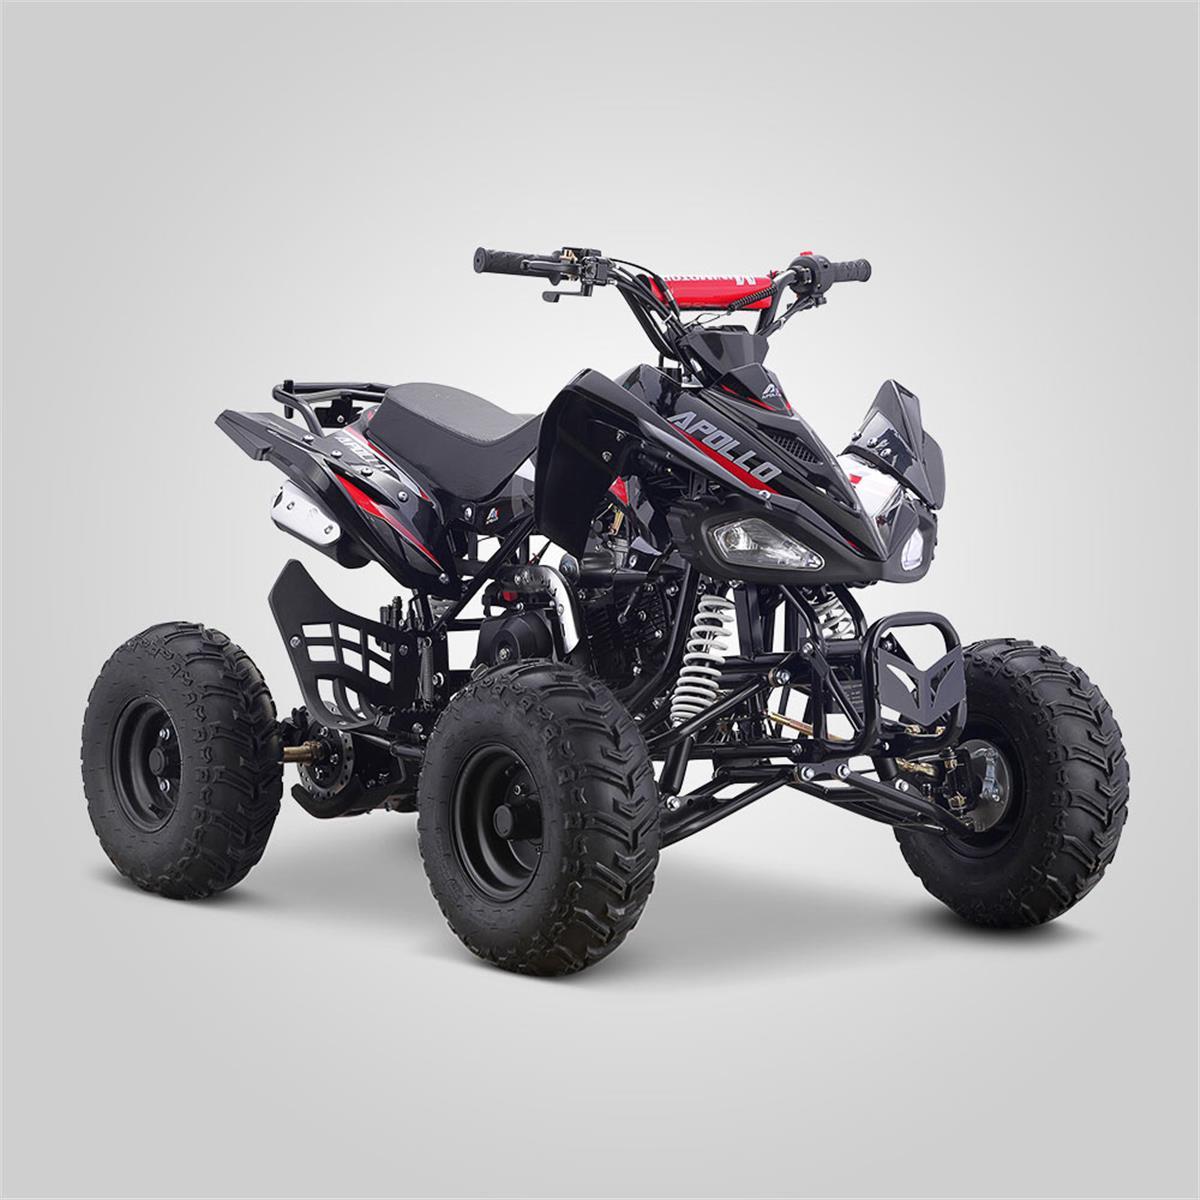 kit deco pour quad de loisirs 110cc 125cc smallmx dirt bike pit bike quads minimoto. Black Bedroom Furniture Sets. Home Design Ideas